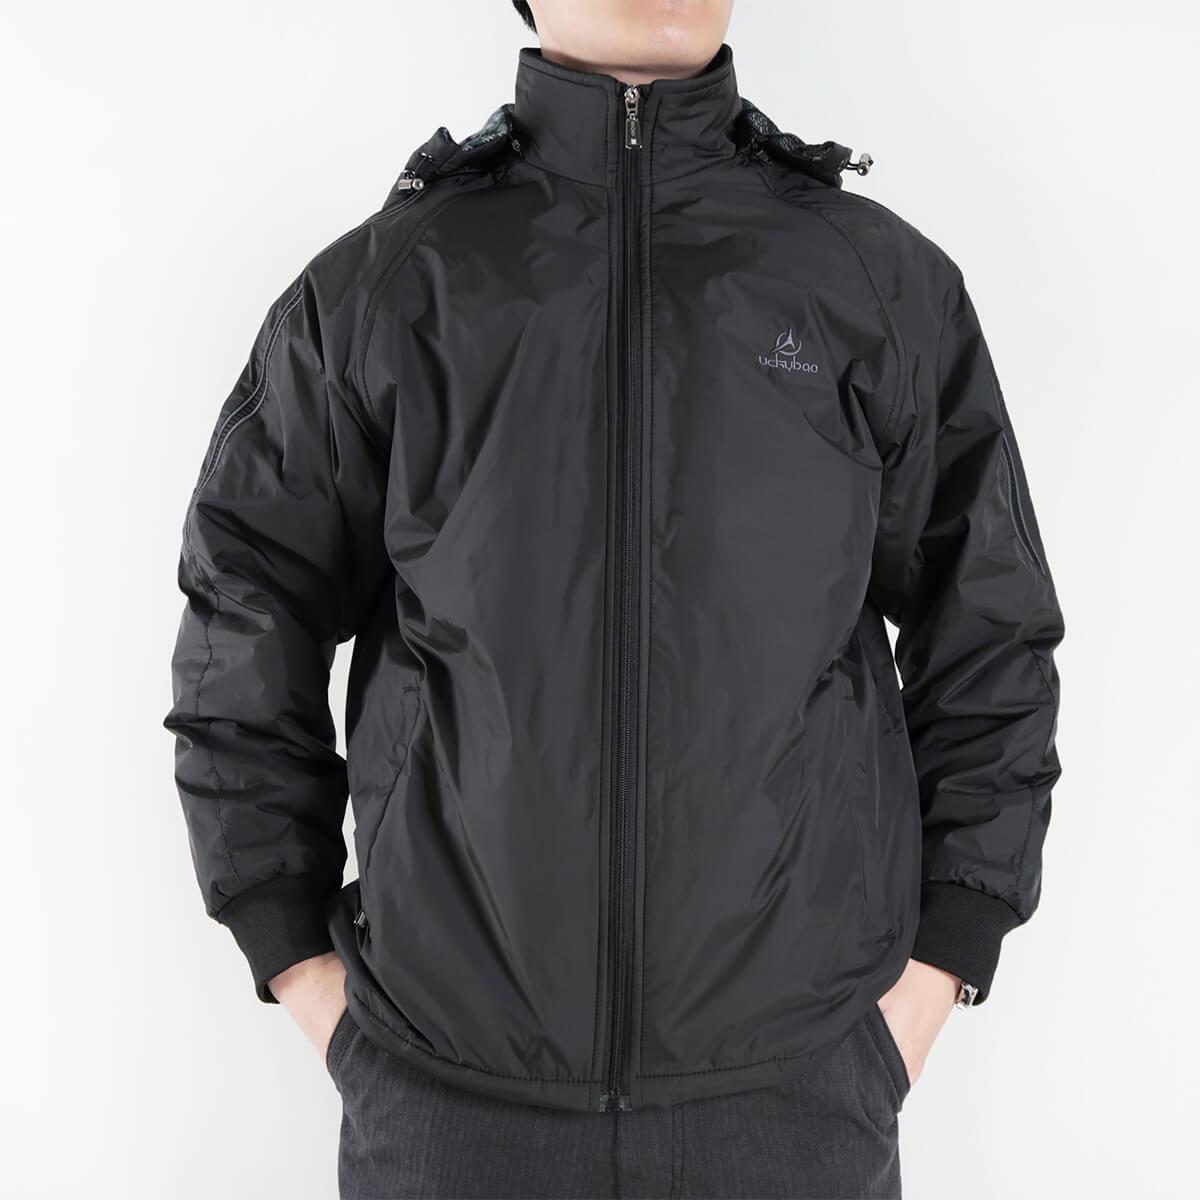 內舖絨布保暖風衣外套 保暖外套 騎士外套 夾克外套 防風外套 黑色外套 FLANNEL LINED WINDBREAKER JACKETS (312-6077-21)黑色 L XL 2L(胸圍46~51英吋) [實體店面保障] sun-e 3